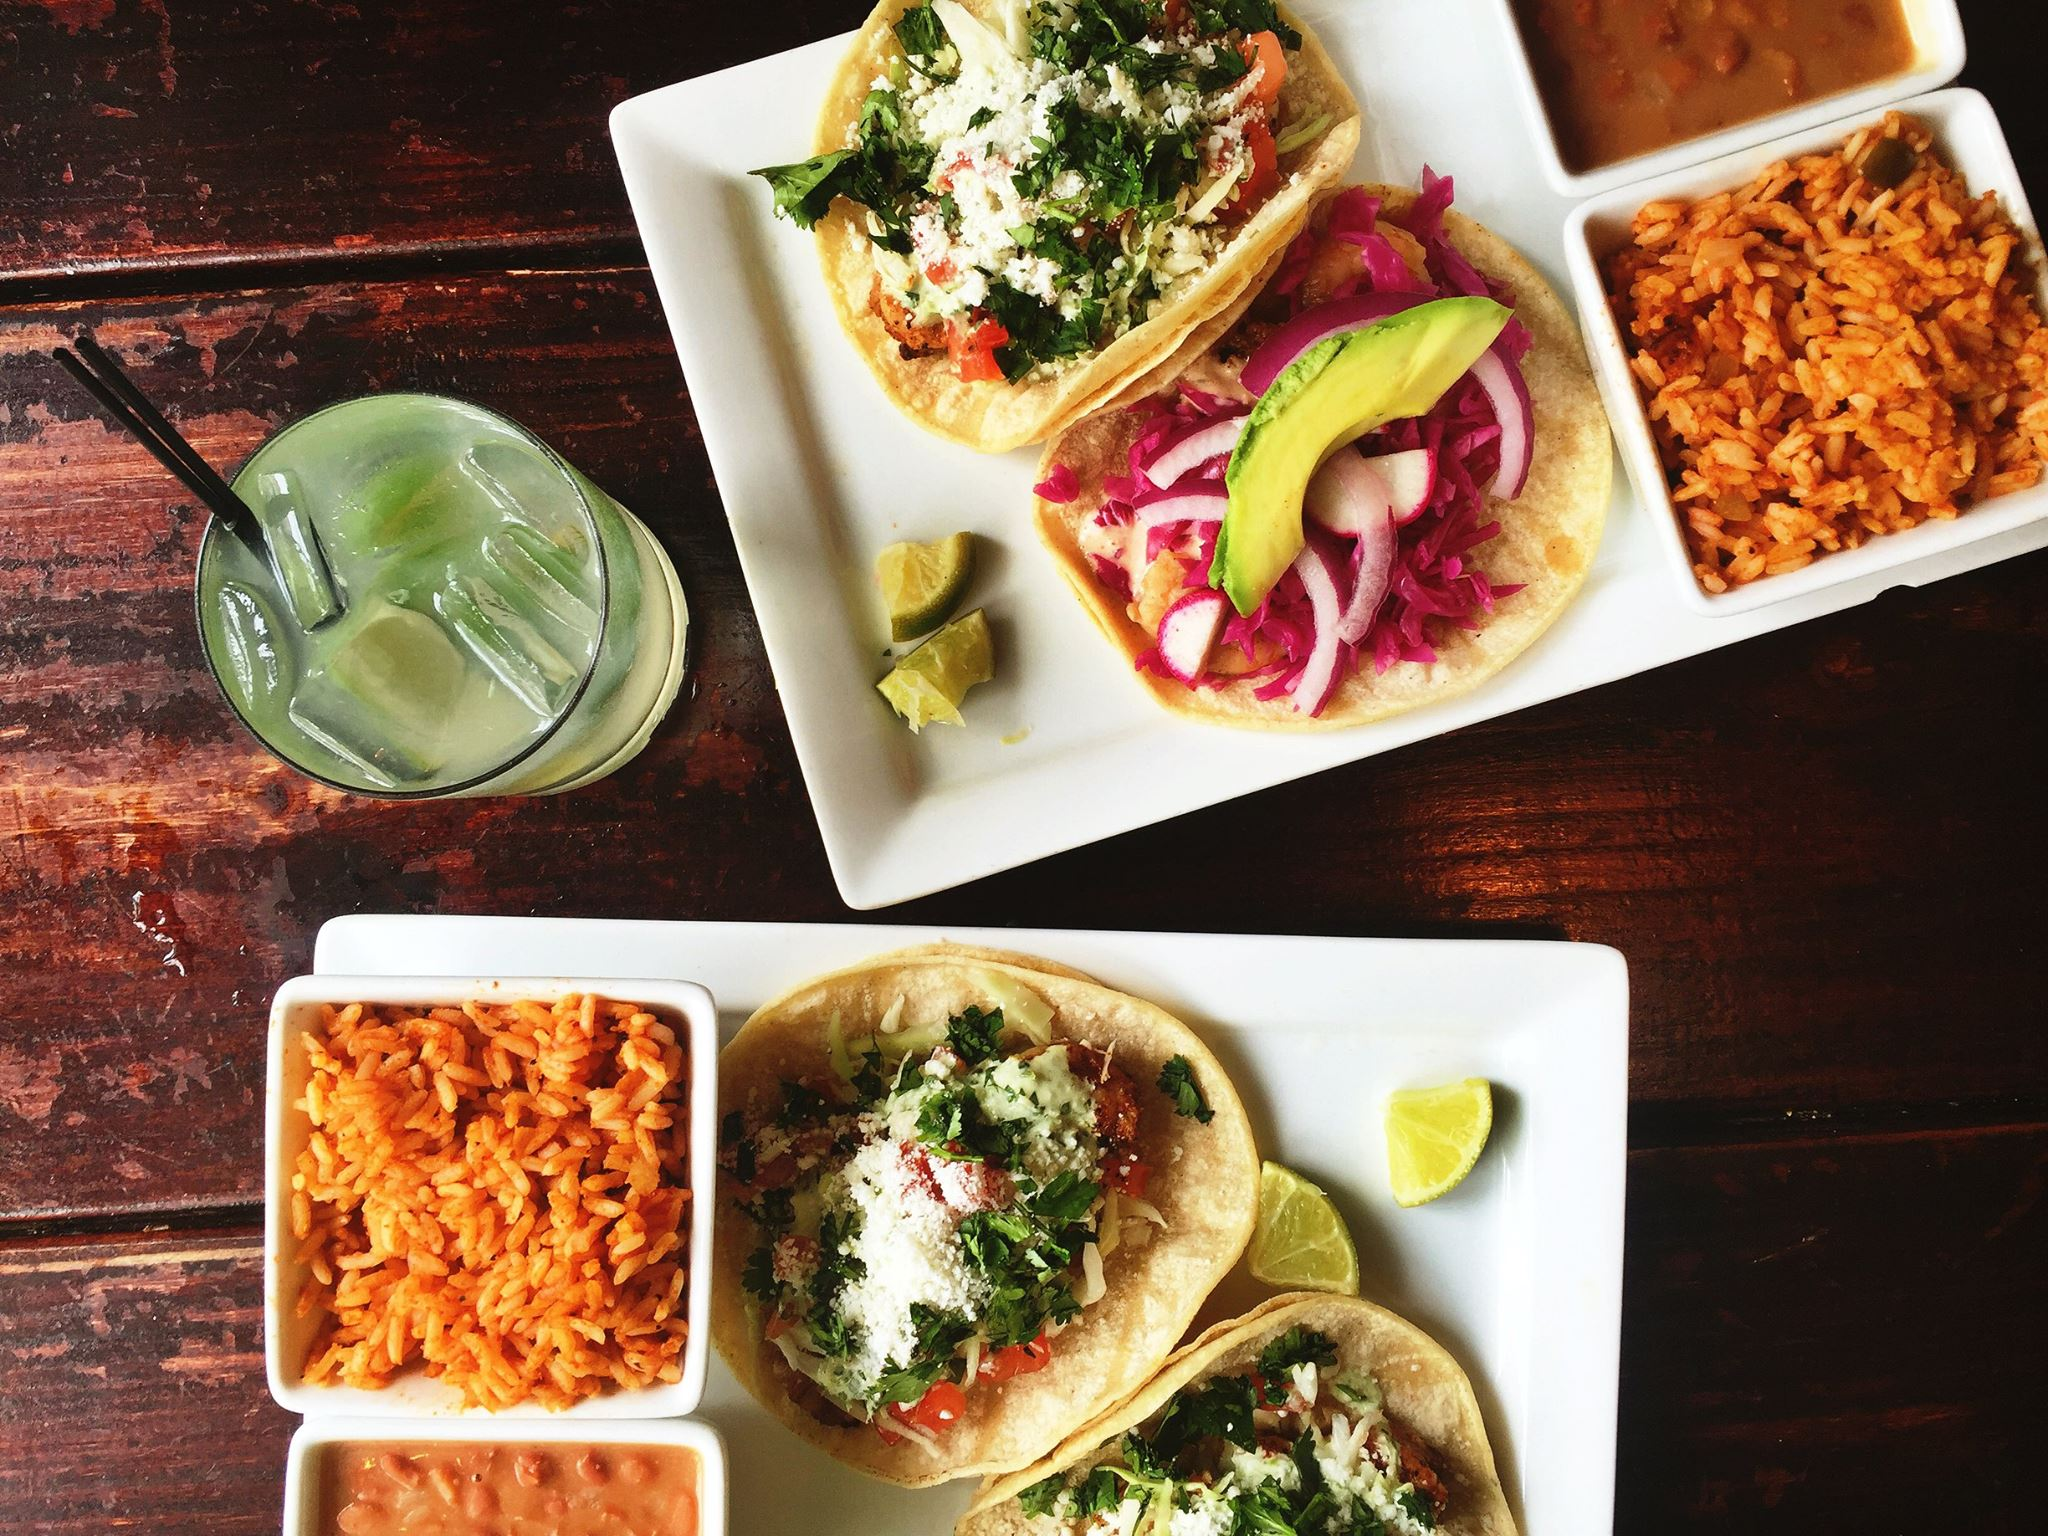 Taco Tuesday heaven at La Casita (Photo: La Casita/Facebook)